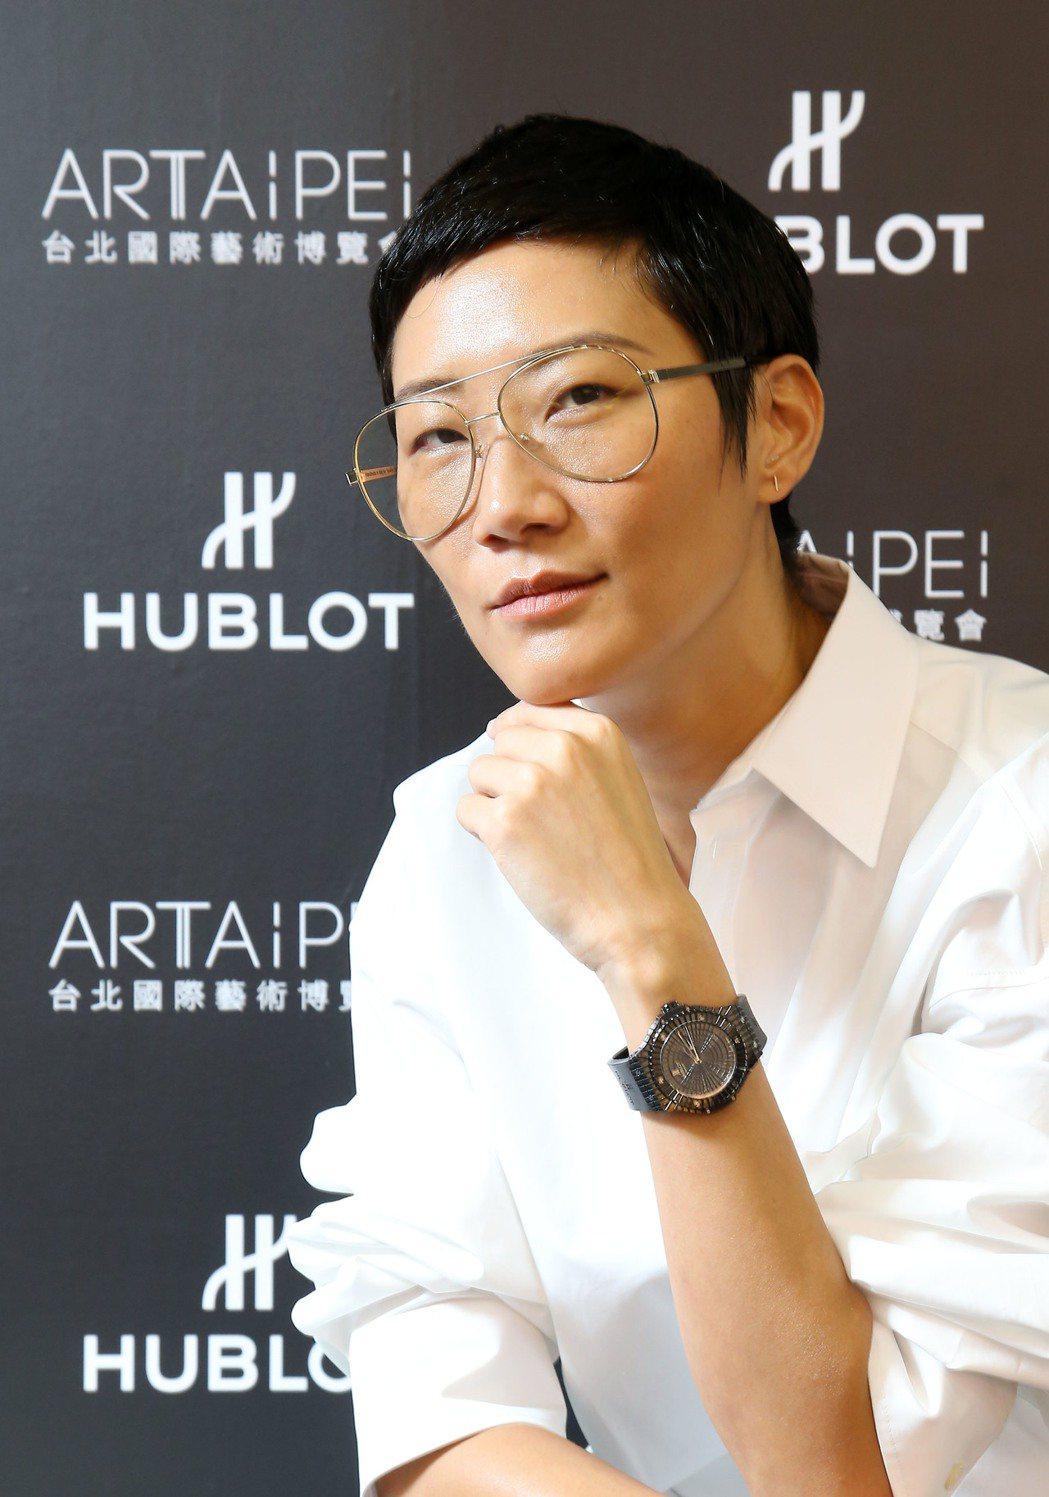 擔任台北國際藝術博覽會藝術導覽大使的孫怡,再次和宇舶表合作,以率性造型詮釋Big...